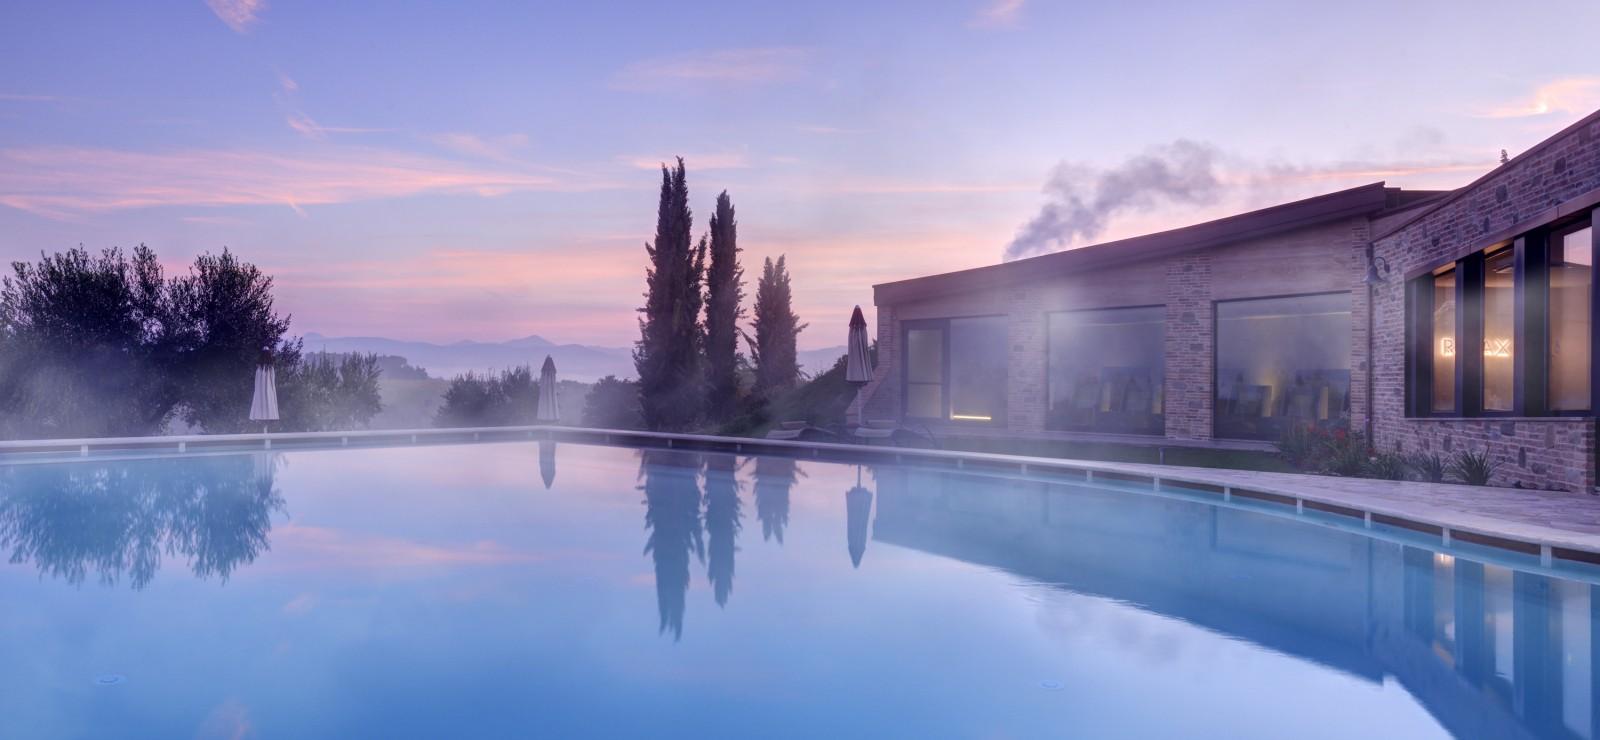 Wellnesshotels Ravenna Emilia Romagna Die Besten Hotels